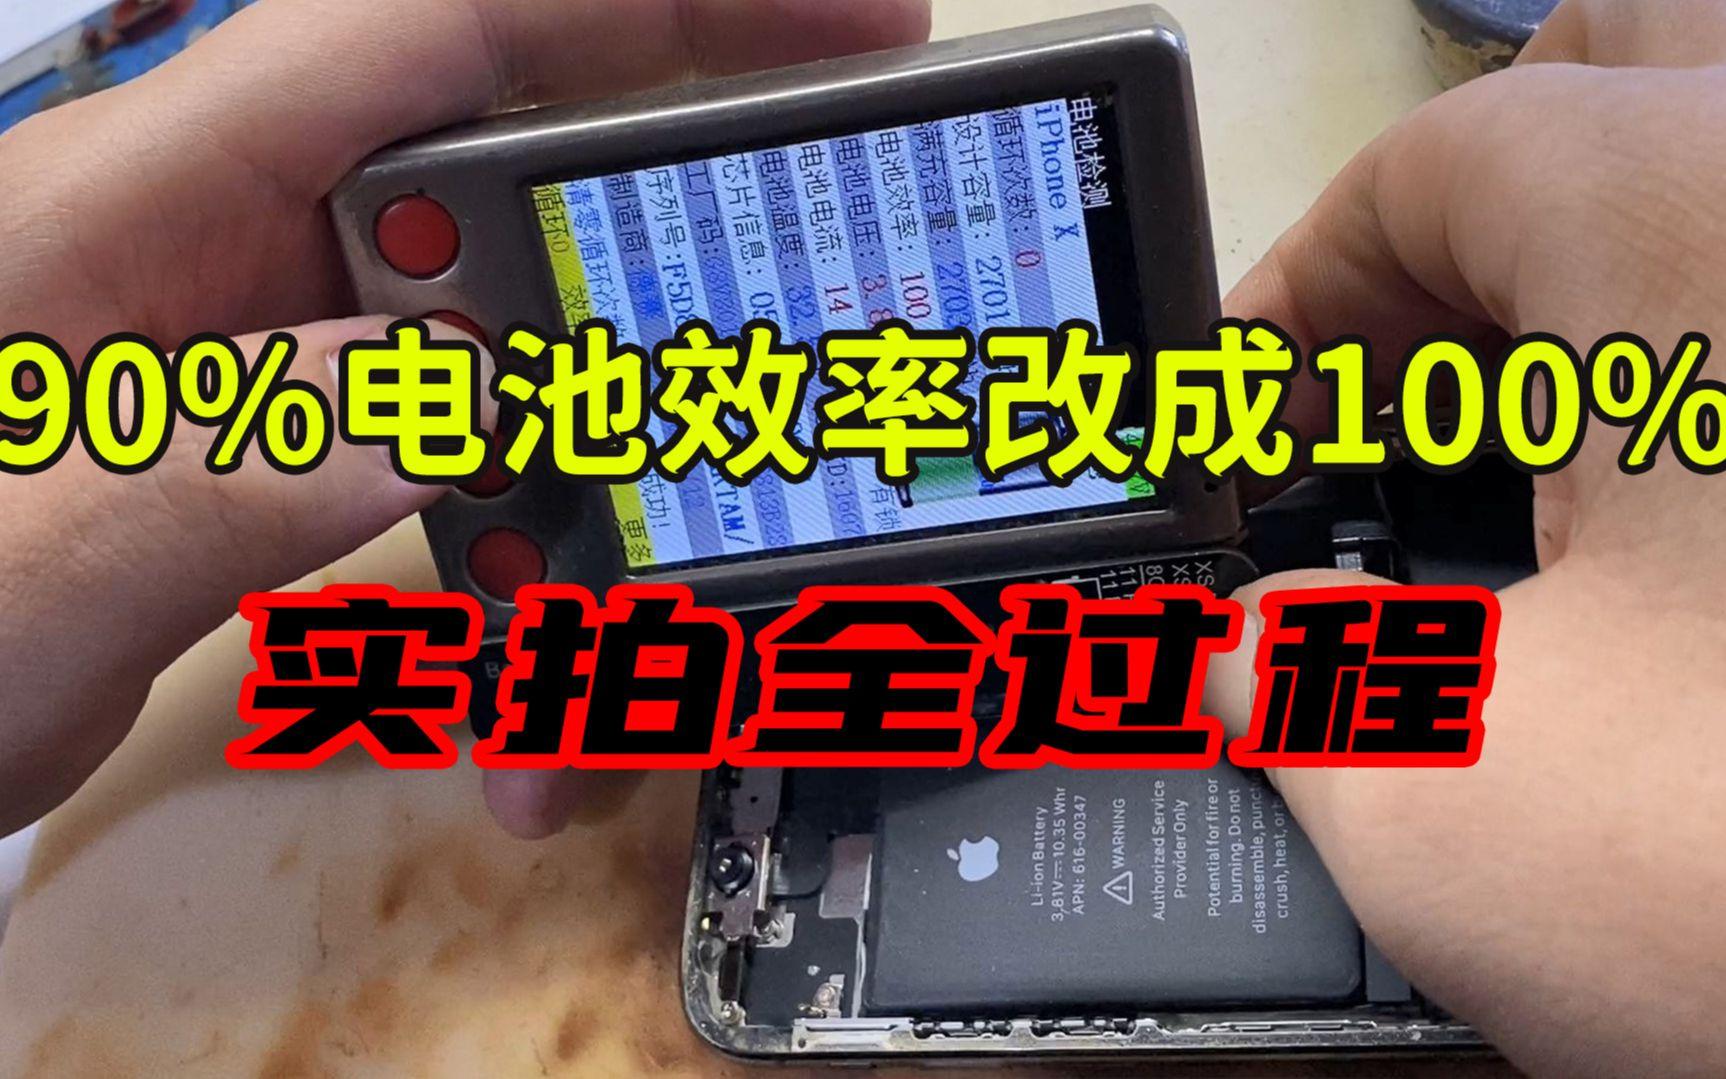 华强北的黑科技,可以更改iPhone电池效率!